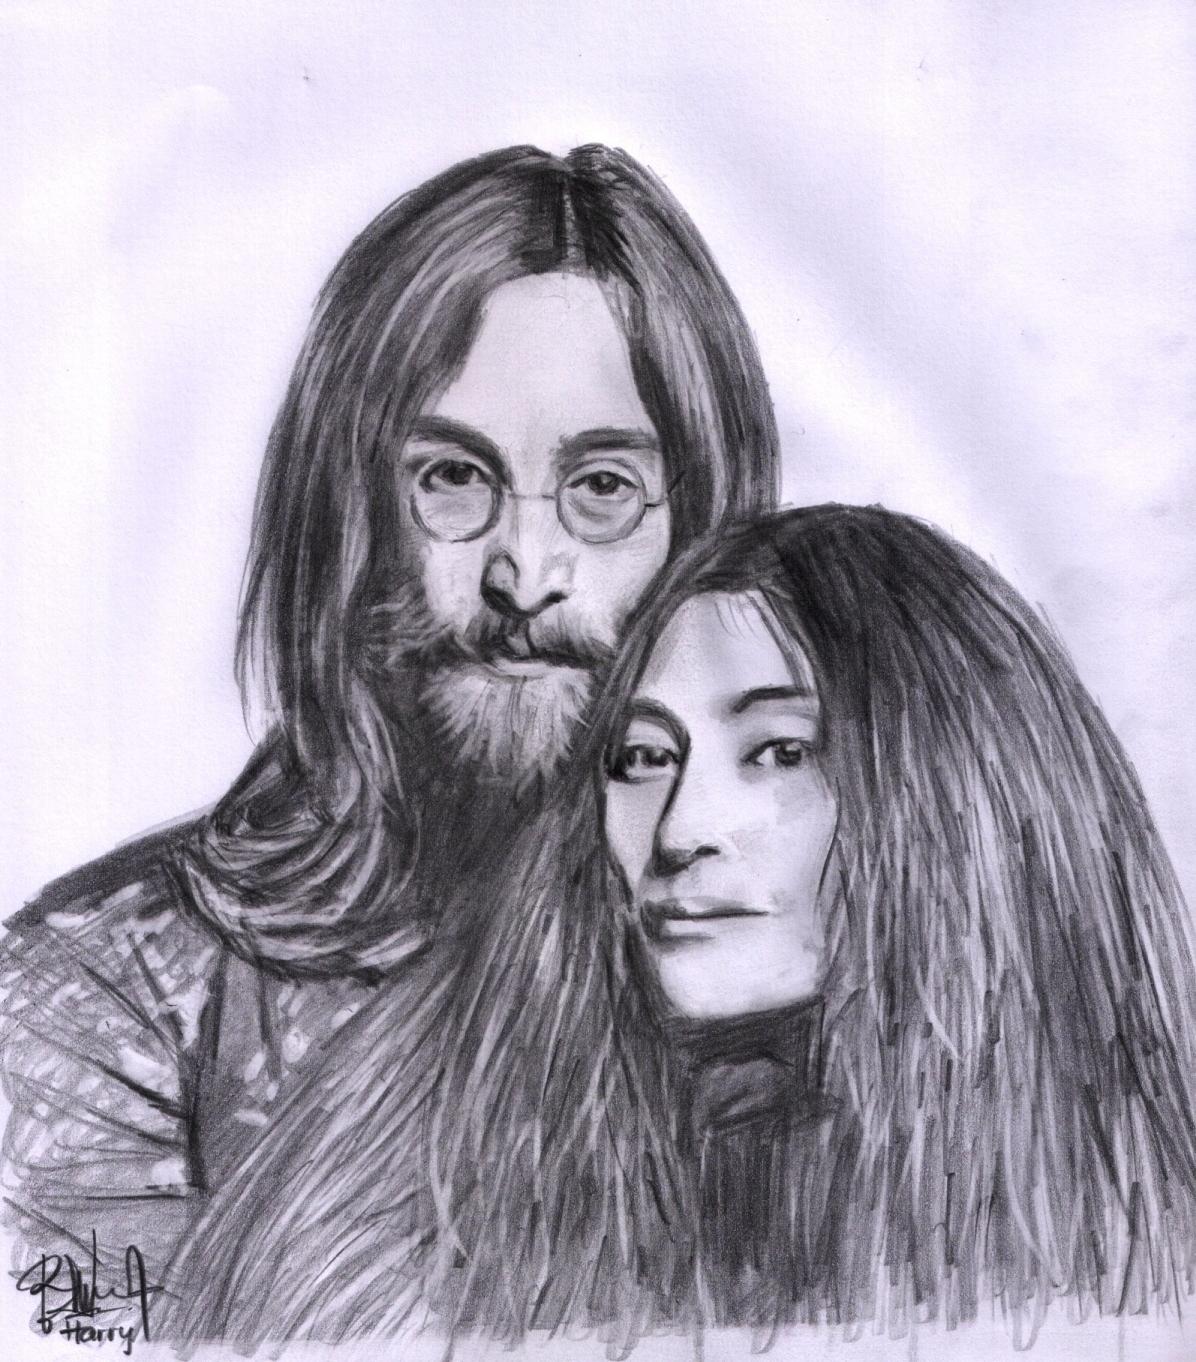 John Lennon And Yoko Ono By Romseskype On DeviantArt